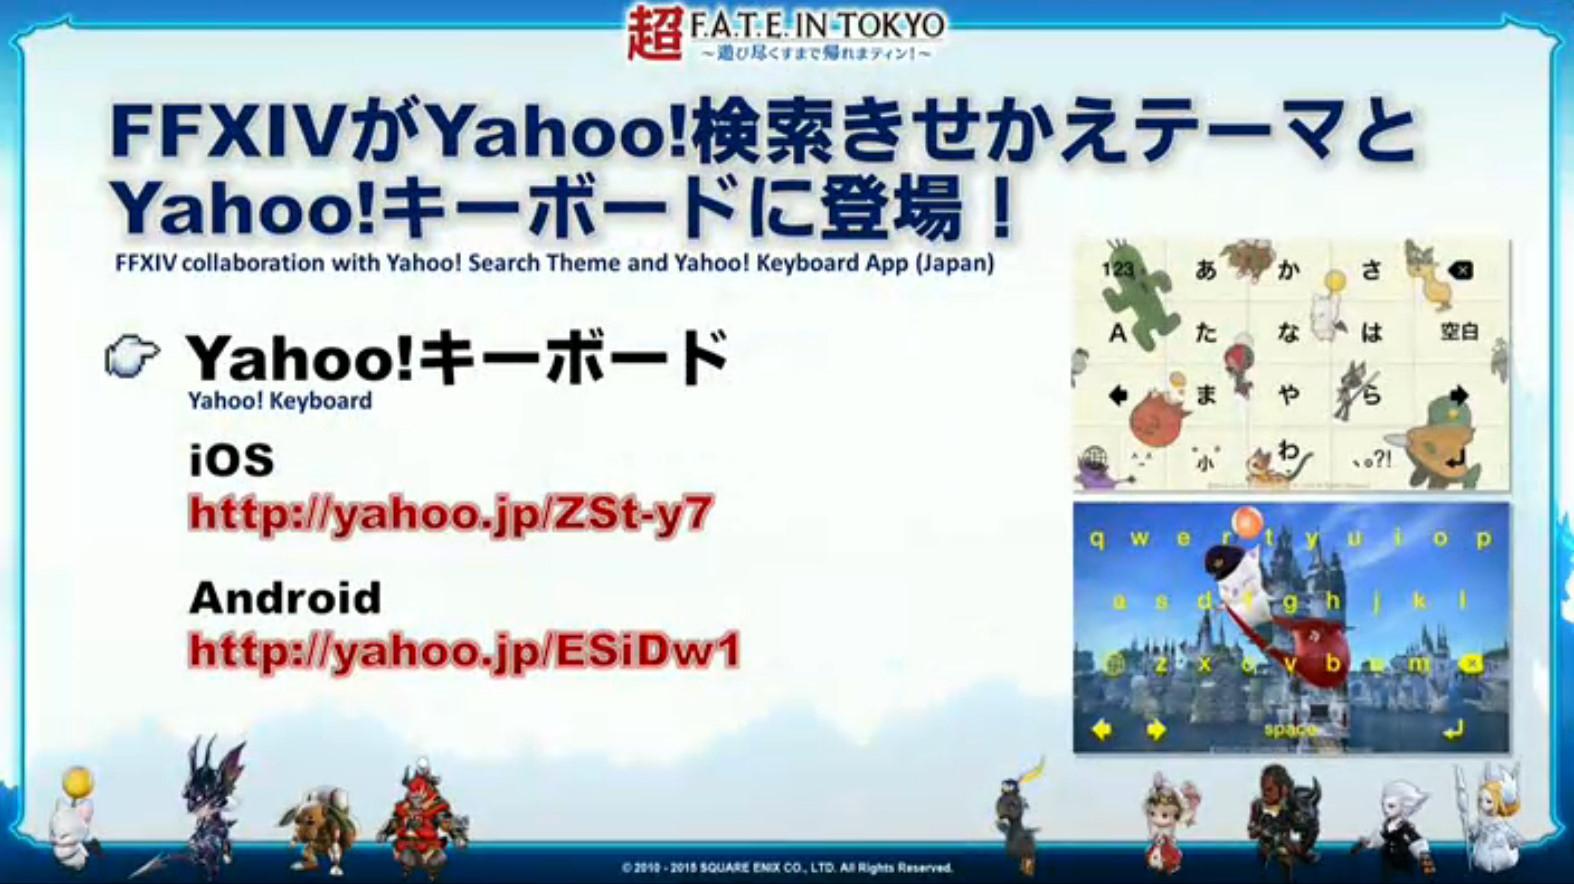 Yahoo!キーボードでは2種類のキーボードが使える